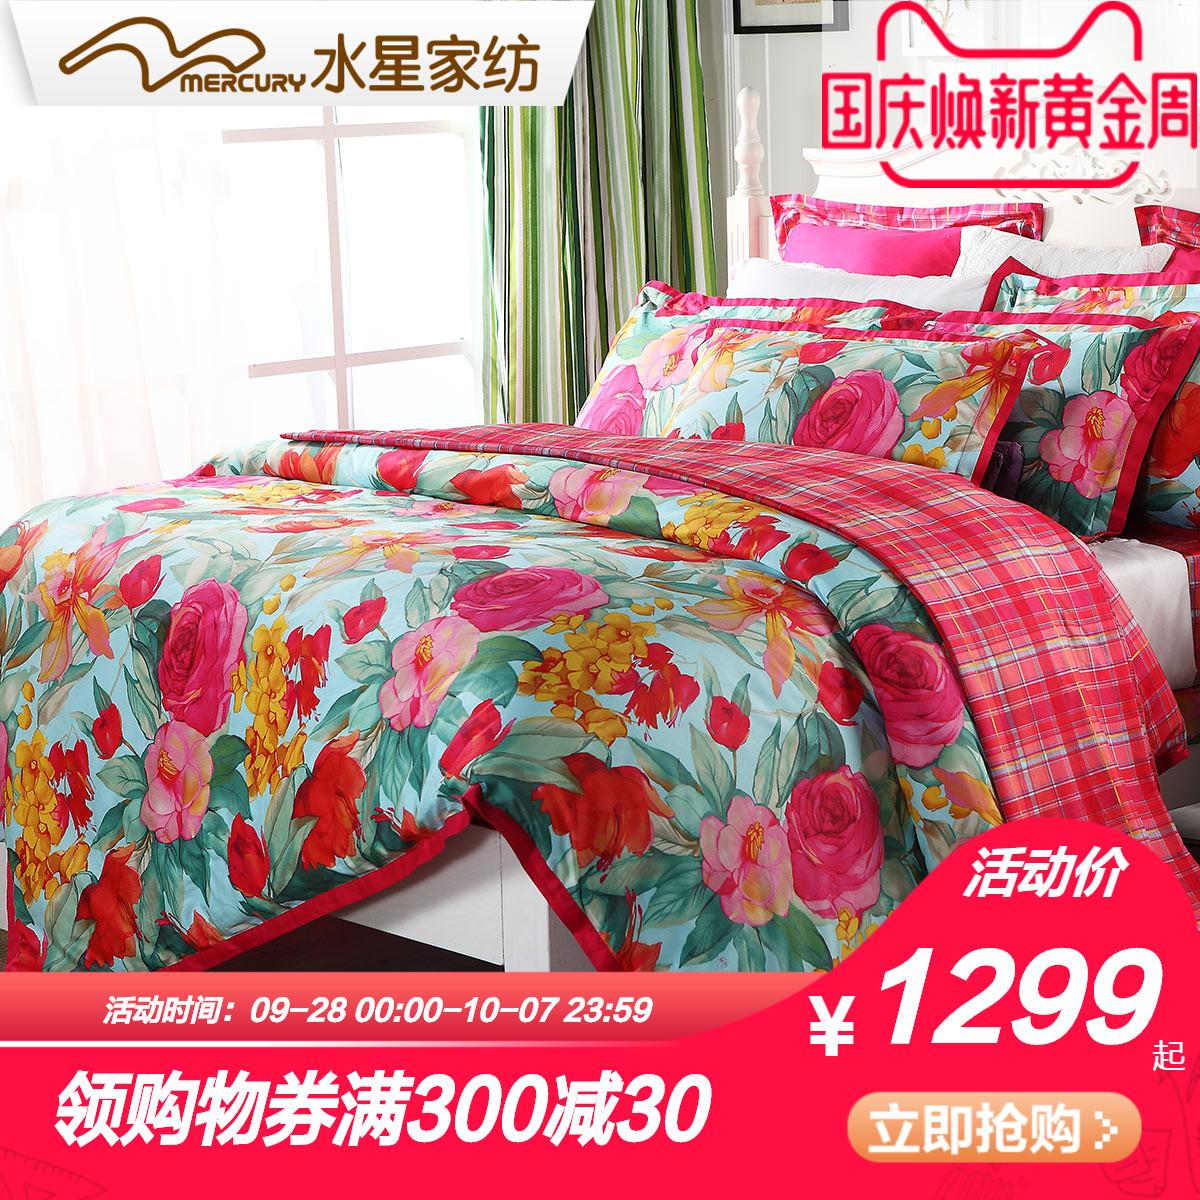 水星家纺 全棉斜纹印花四件套 纯棉4件套屯京之夏 床上用品TY1266